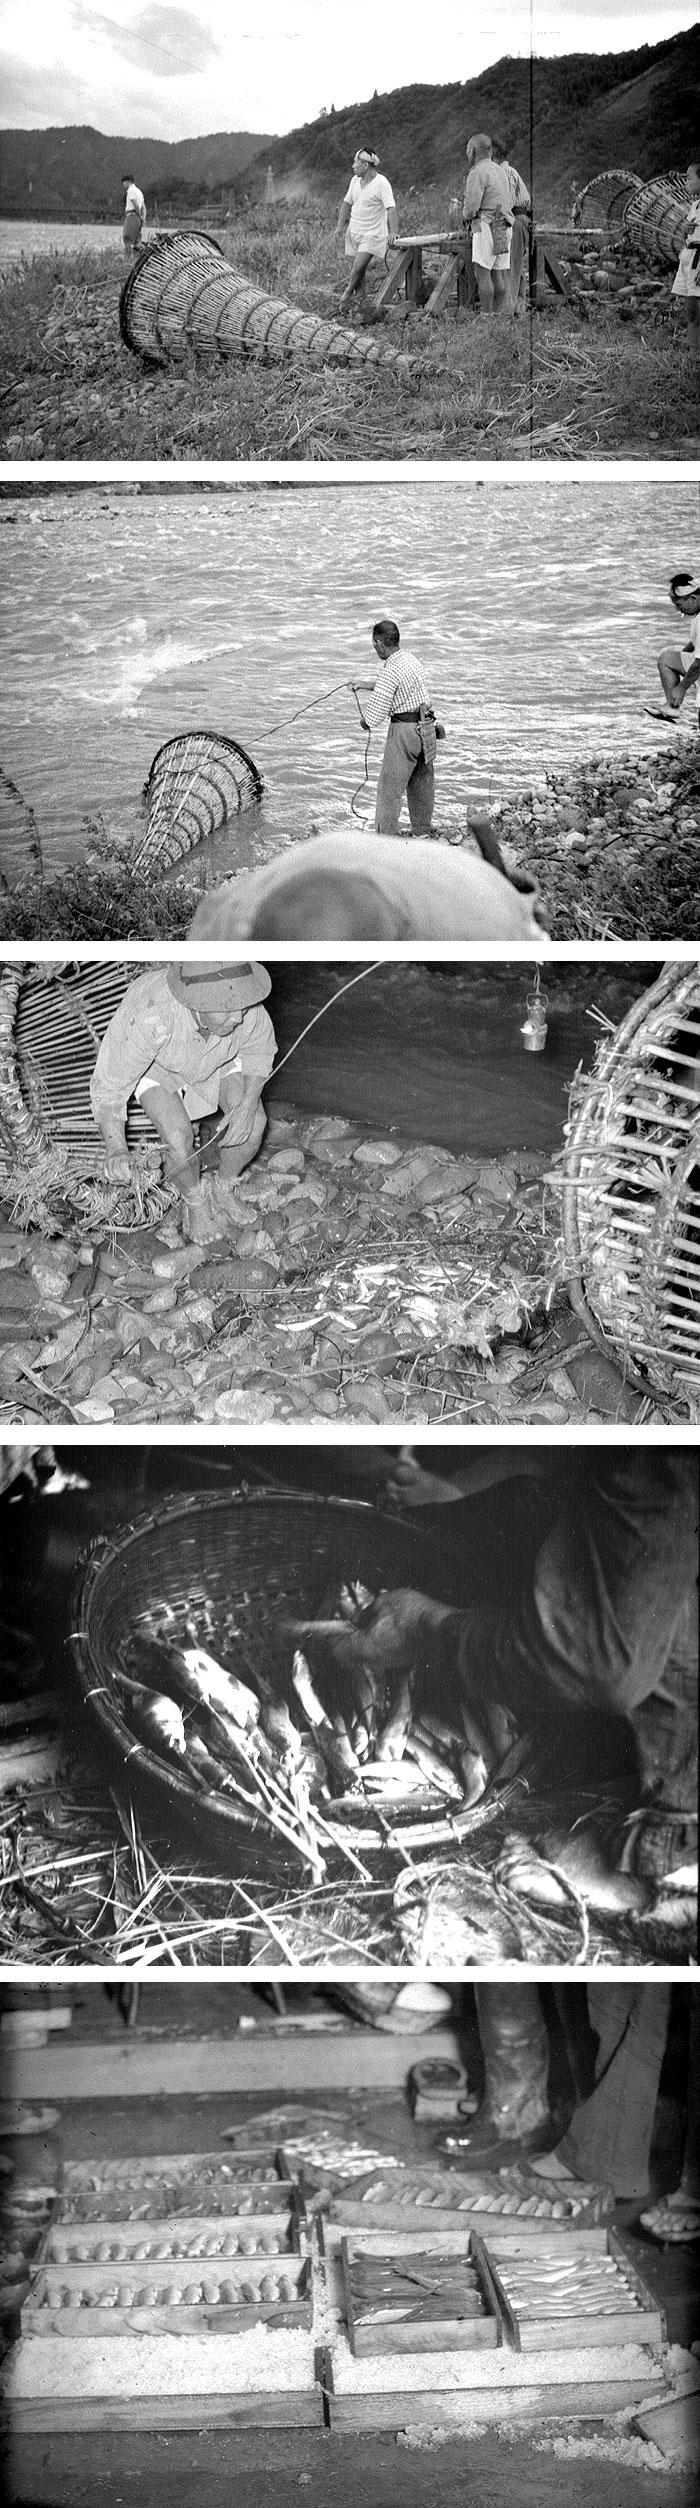 九頭竜川には、投網やヤナで捕るほどたくさんの鮎が生息していた。